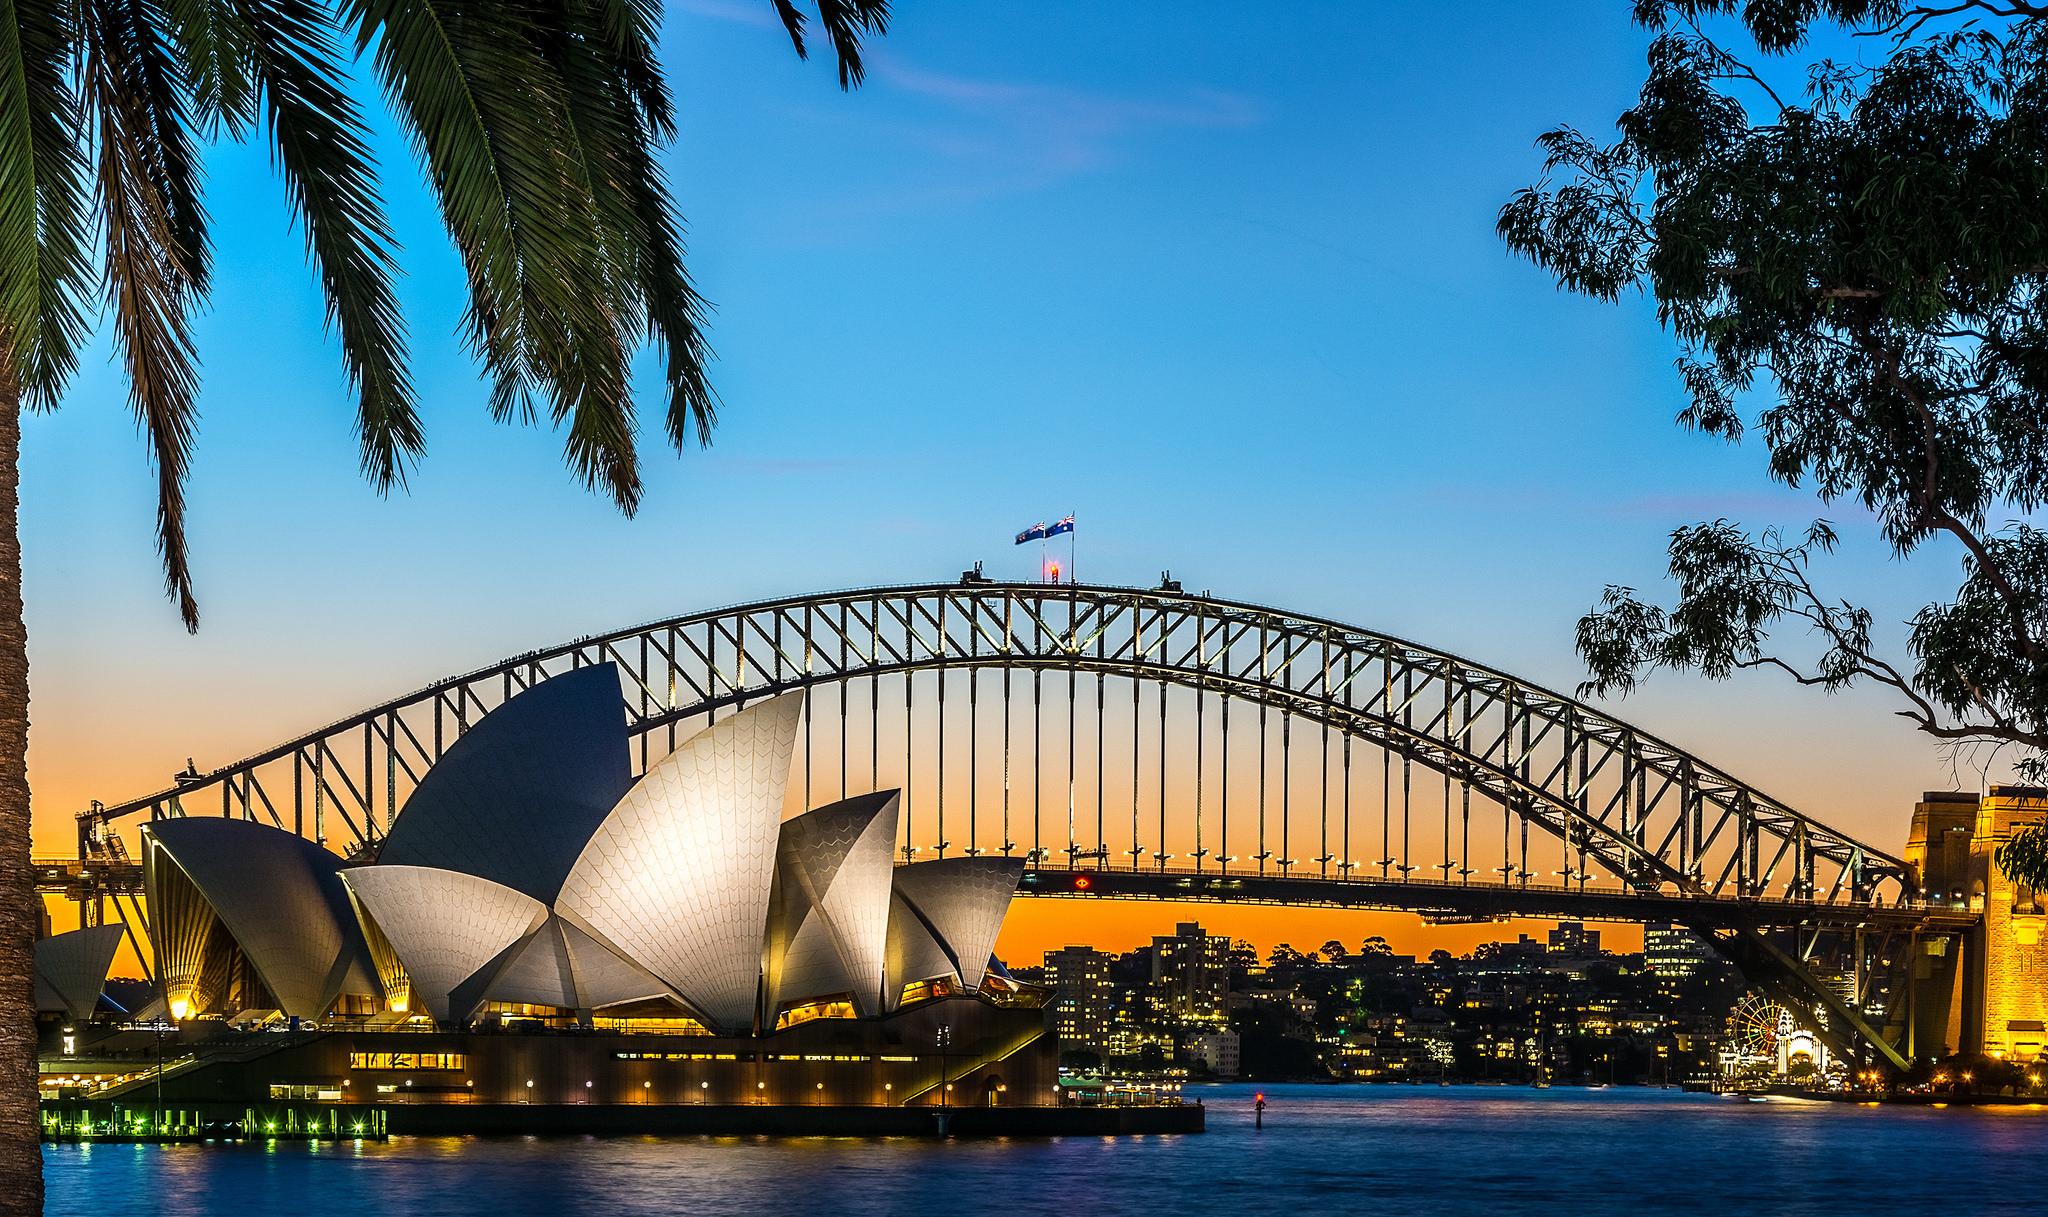 австралия достопримечательности фото и описание обижай любимых грубым